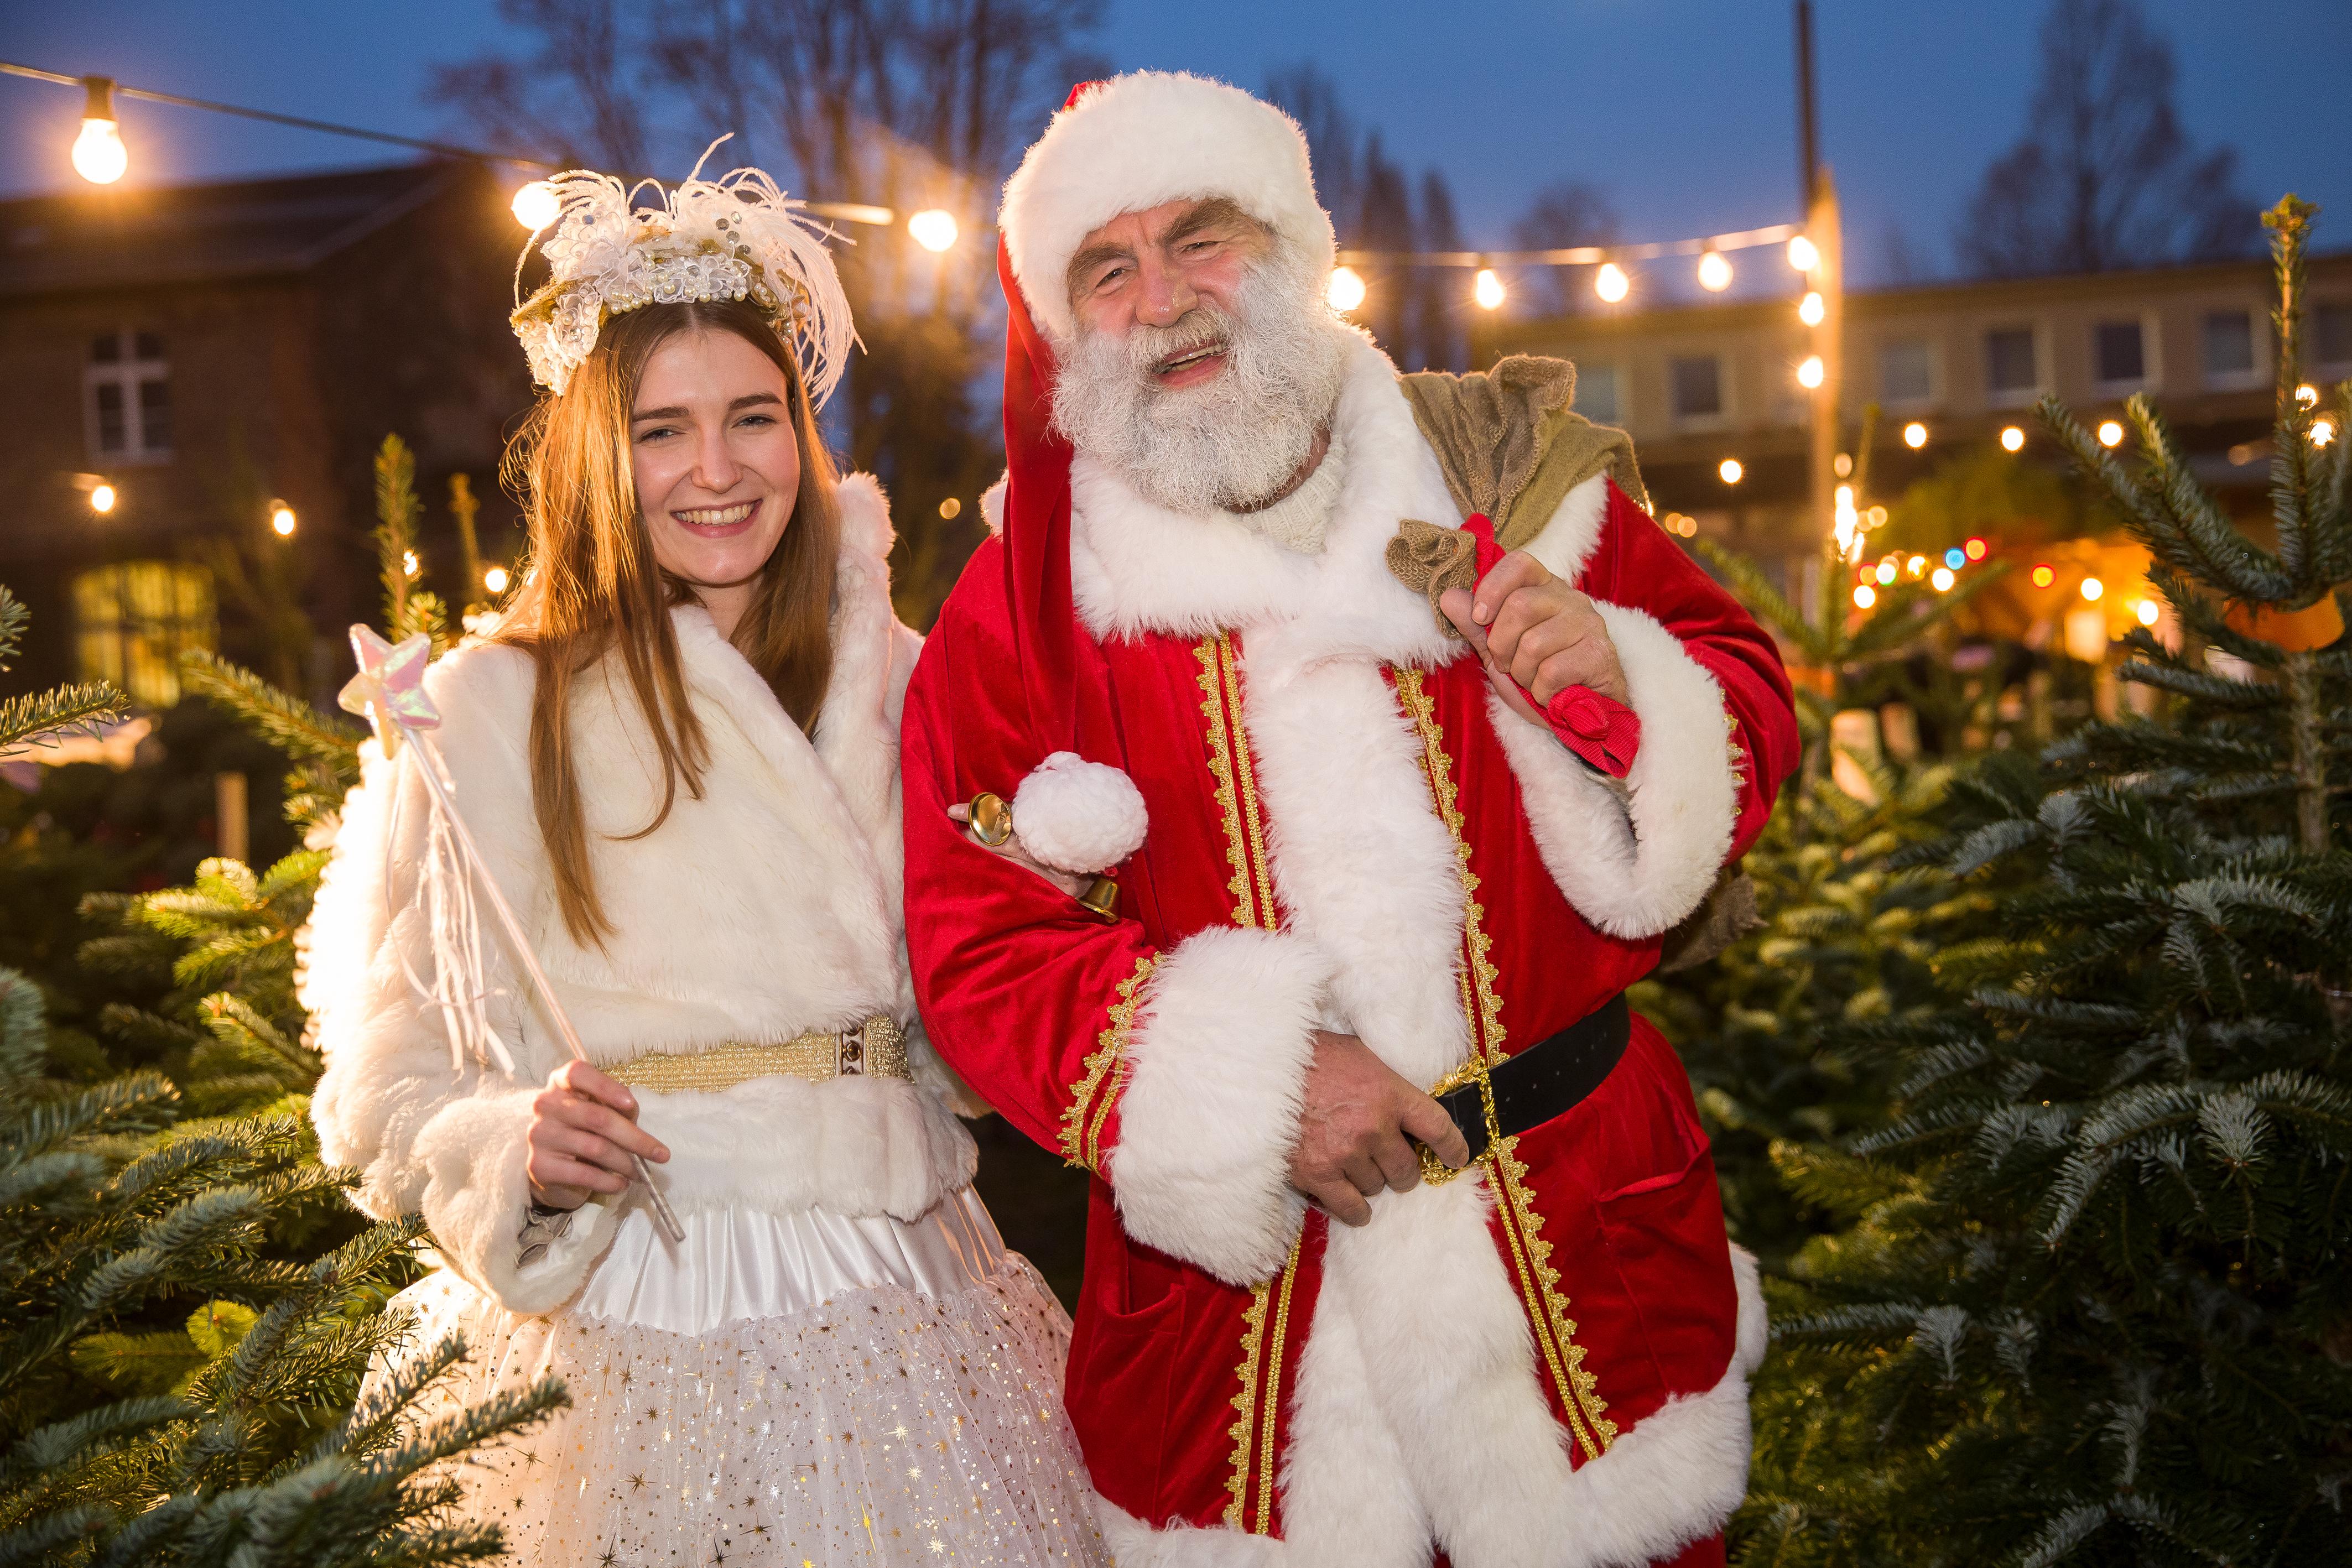 Engel und Weihnachtsmann inmitten eines Tannenwaldes